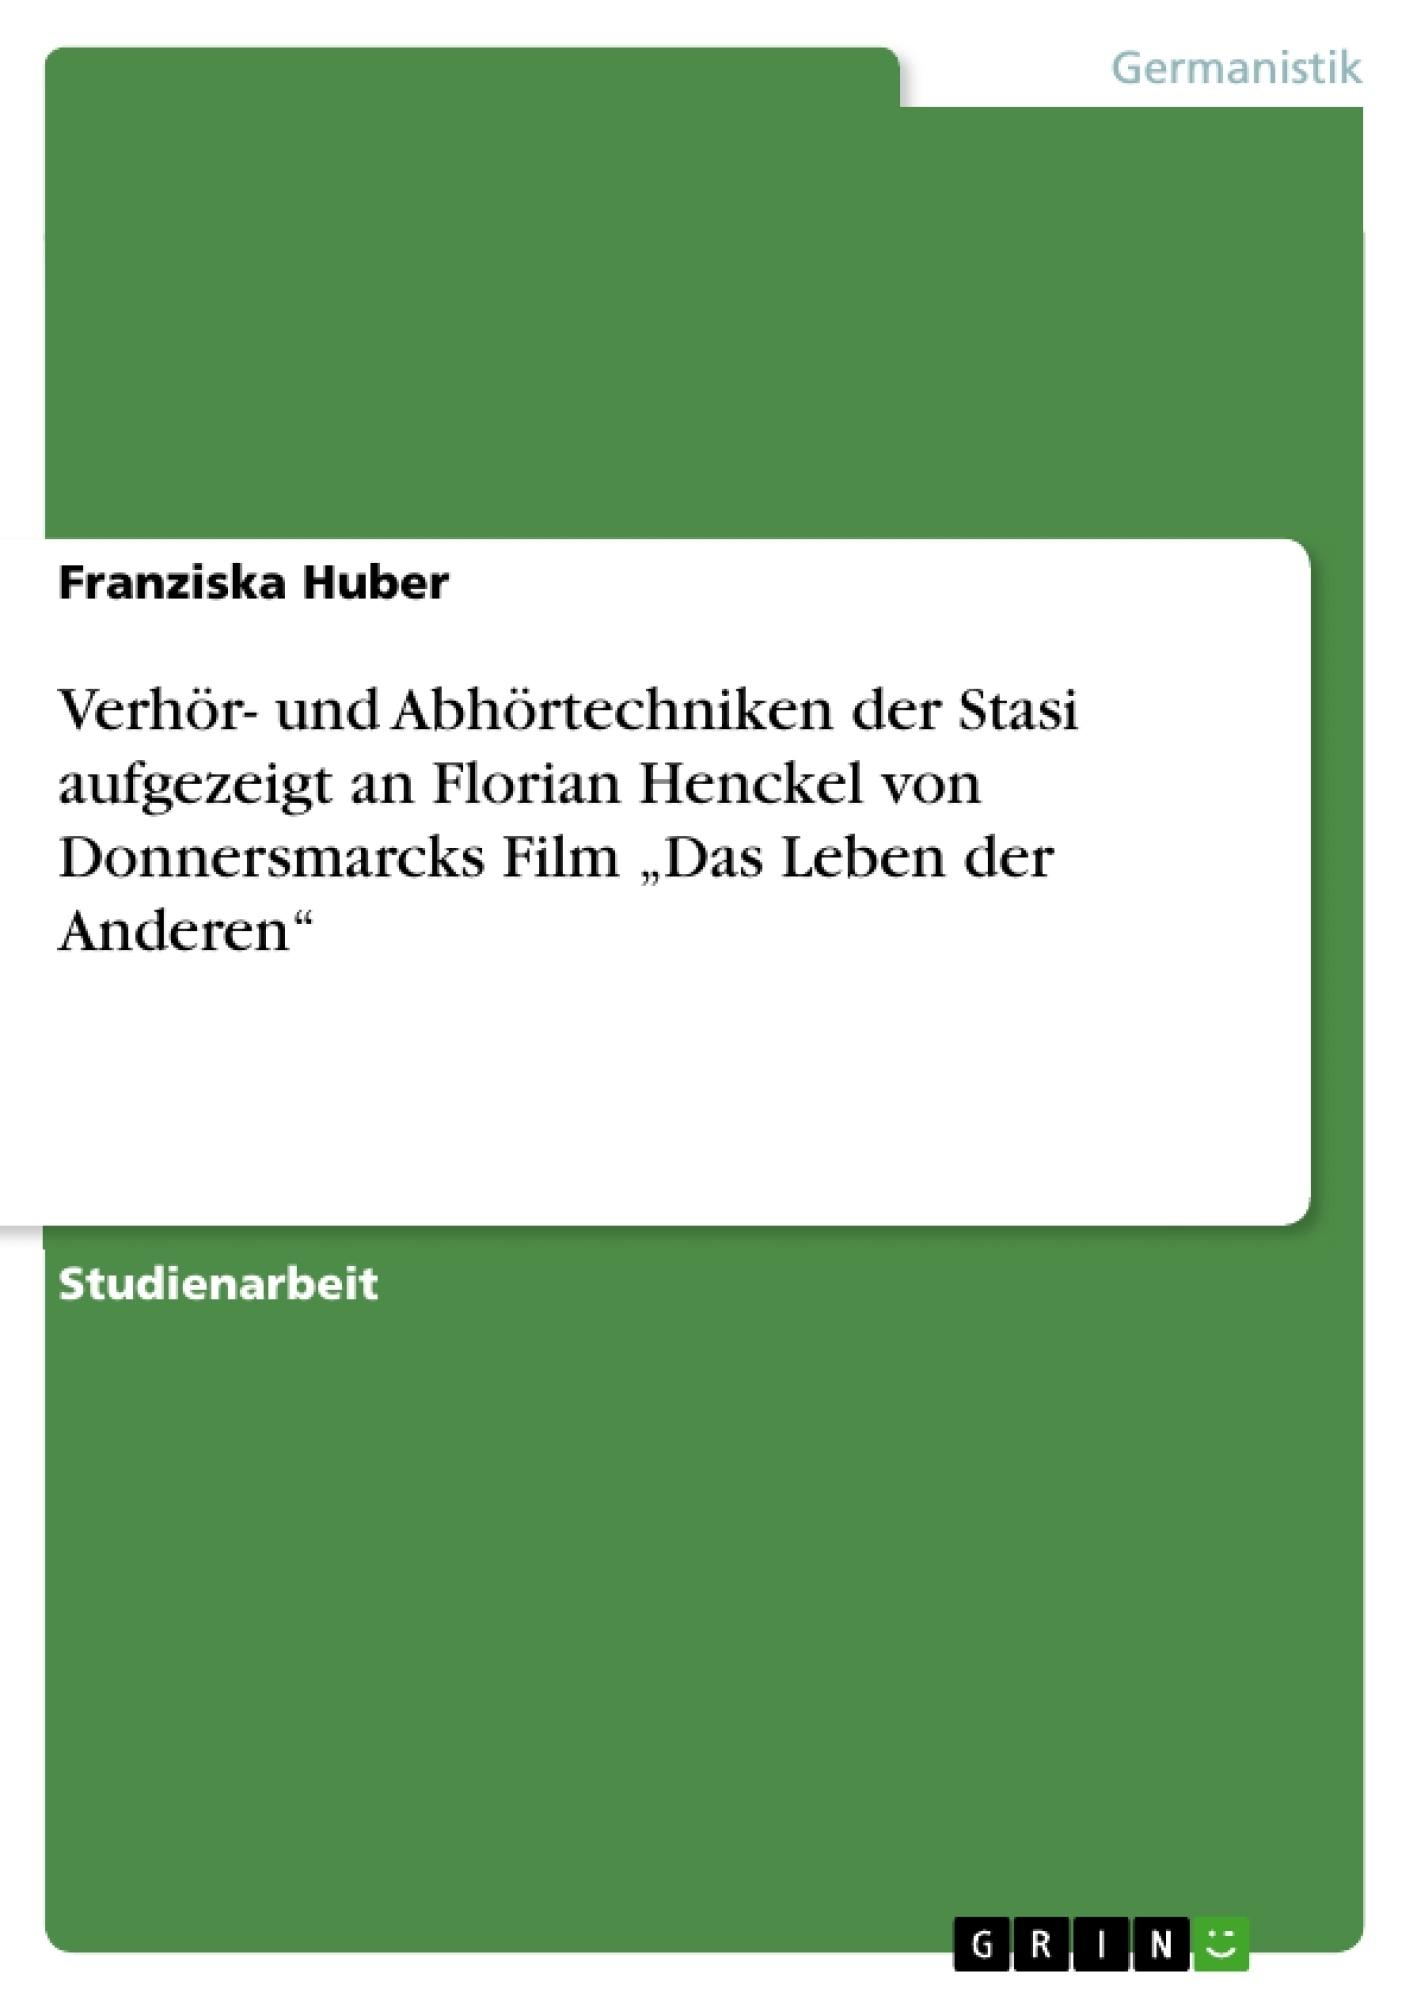 """Titel: Verhör- und Abhörtechniken der Stasi aufgezeigt an  Florian Henckel von Donnersmarcks Film """"Das Leben der Anderen"""""""